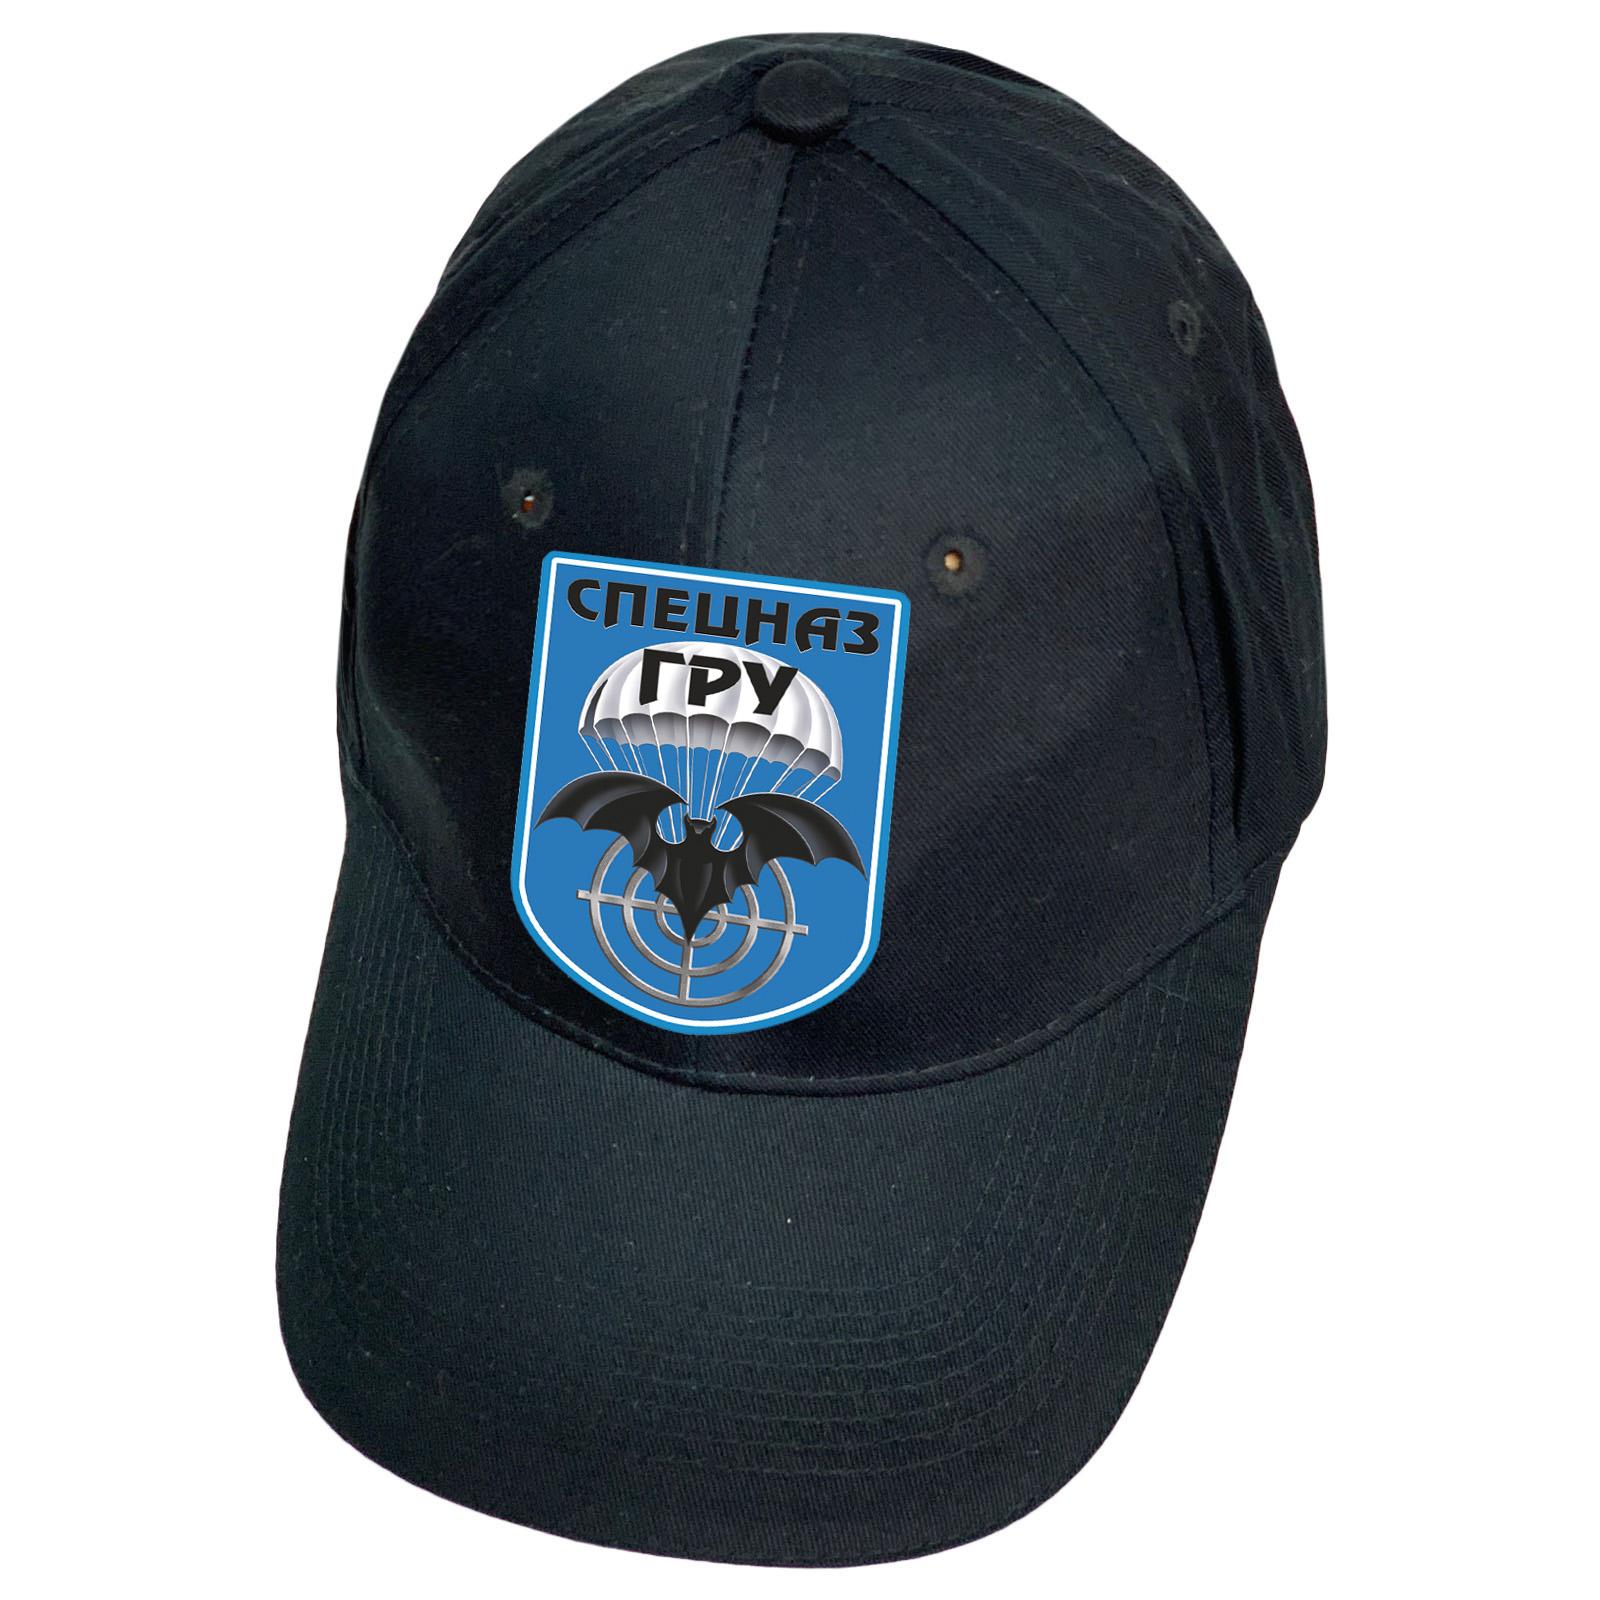 Темно-синяя кепка Спецназа ГРУ